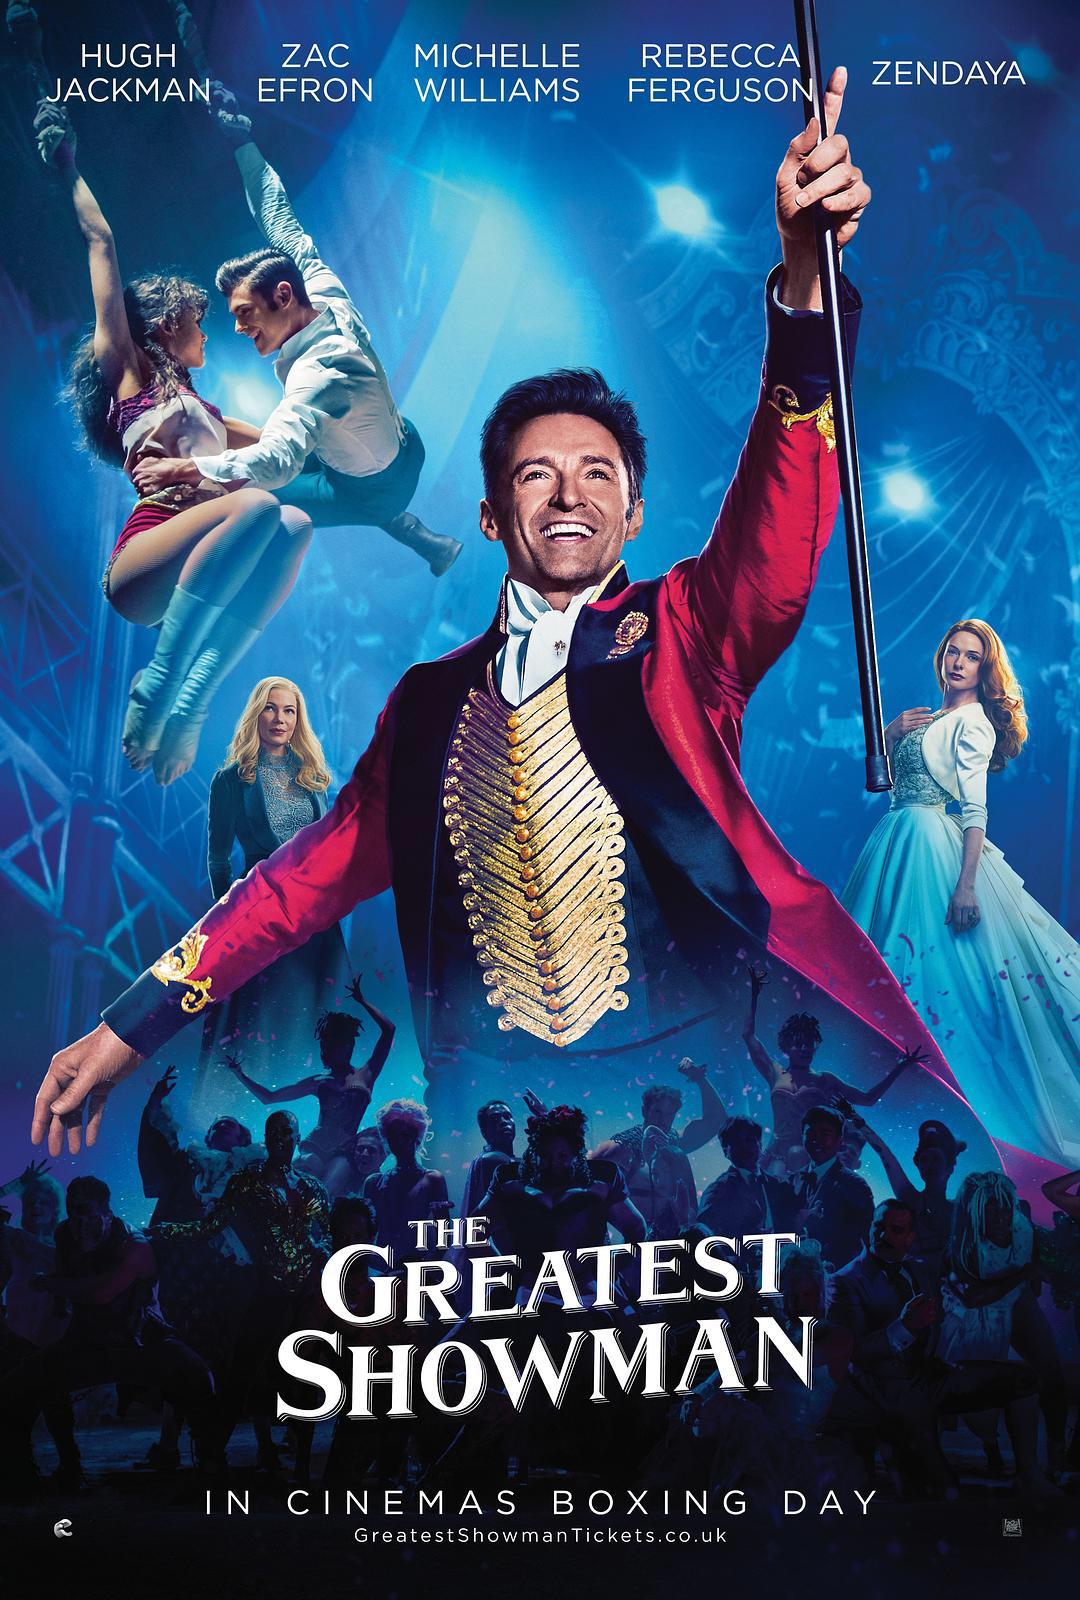 休·杰克曼凭借《马戏之王》原声大碟获得第61届格莱美最佳改编影视音